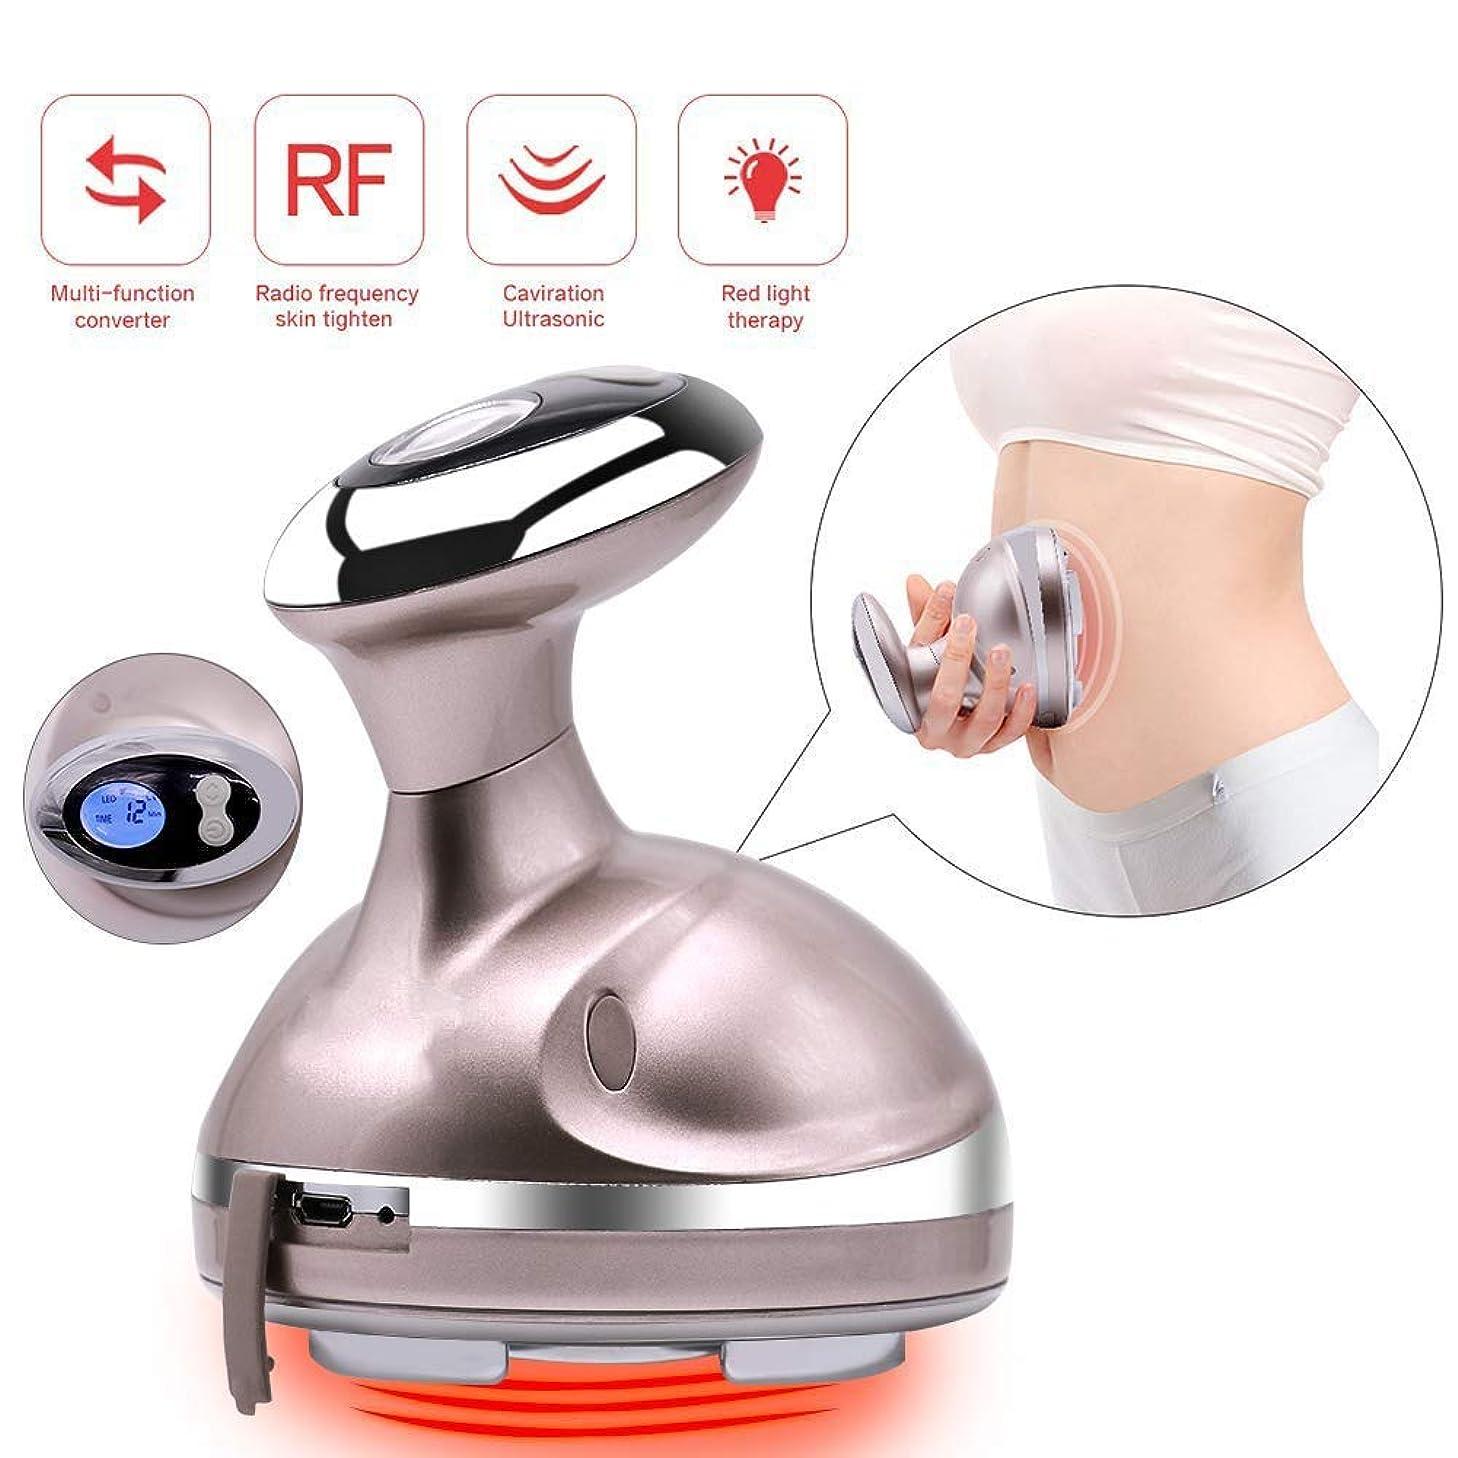 複製防水毒液USB 1に付きボディ形成のマッサージャーの無線周波数装置の赤灯の振動脂肪質の取り外し機械、減量機械RFのスマートなLCD表示が付いている暖かい細くのマッサージャー